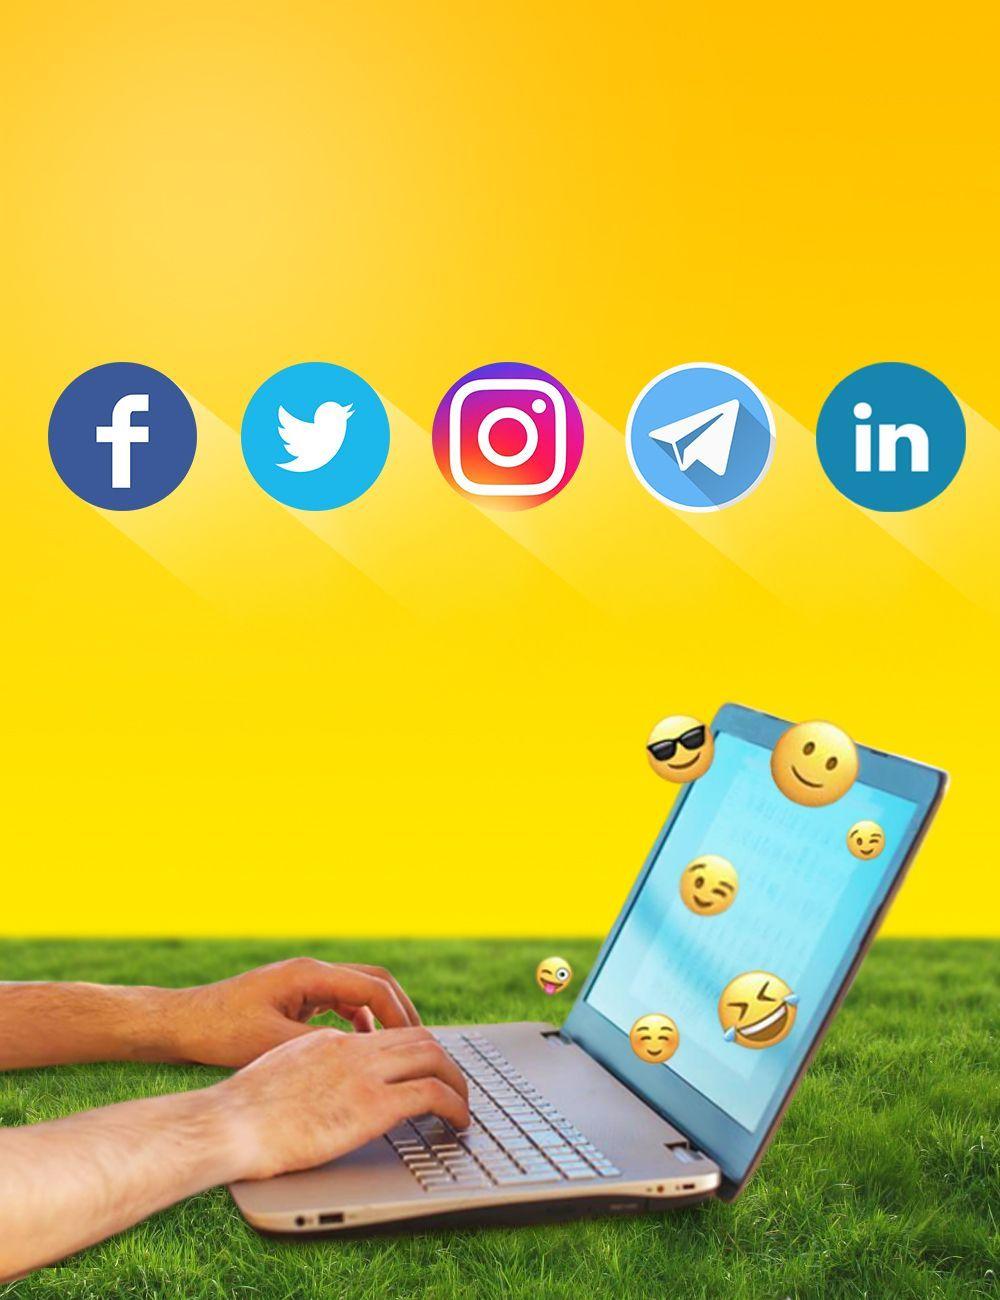 Друзі! Ми запрошуємо Вас підписатися на наші сторінки в найвідоміших соціальних мережах.